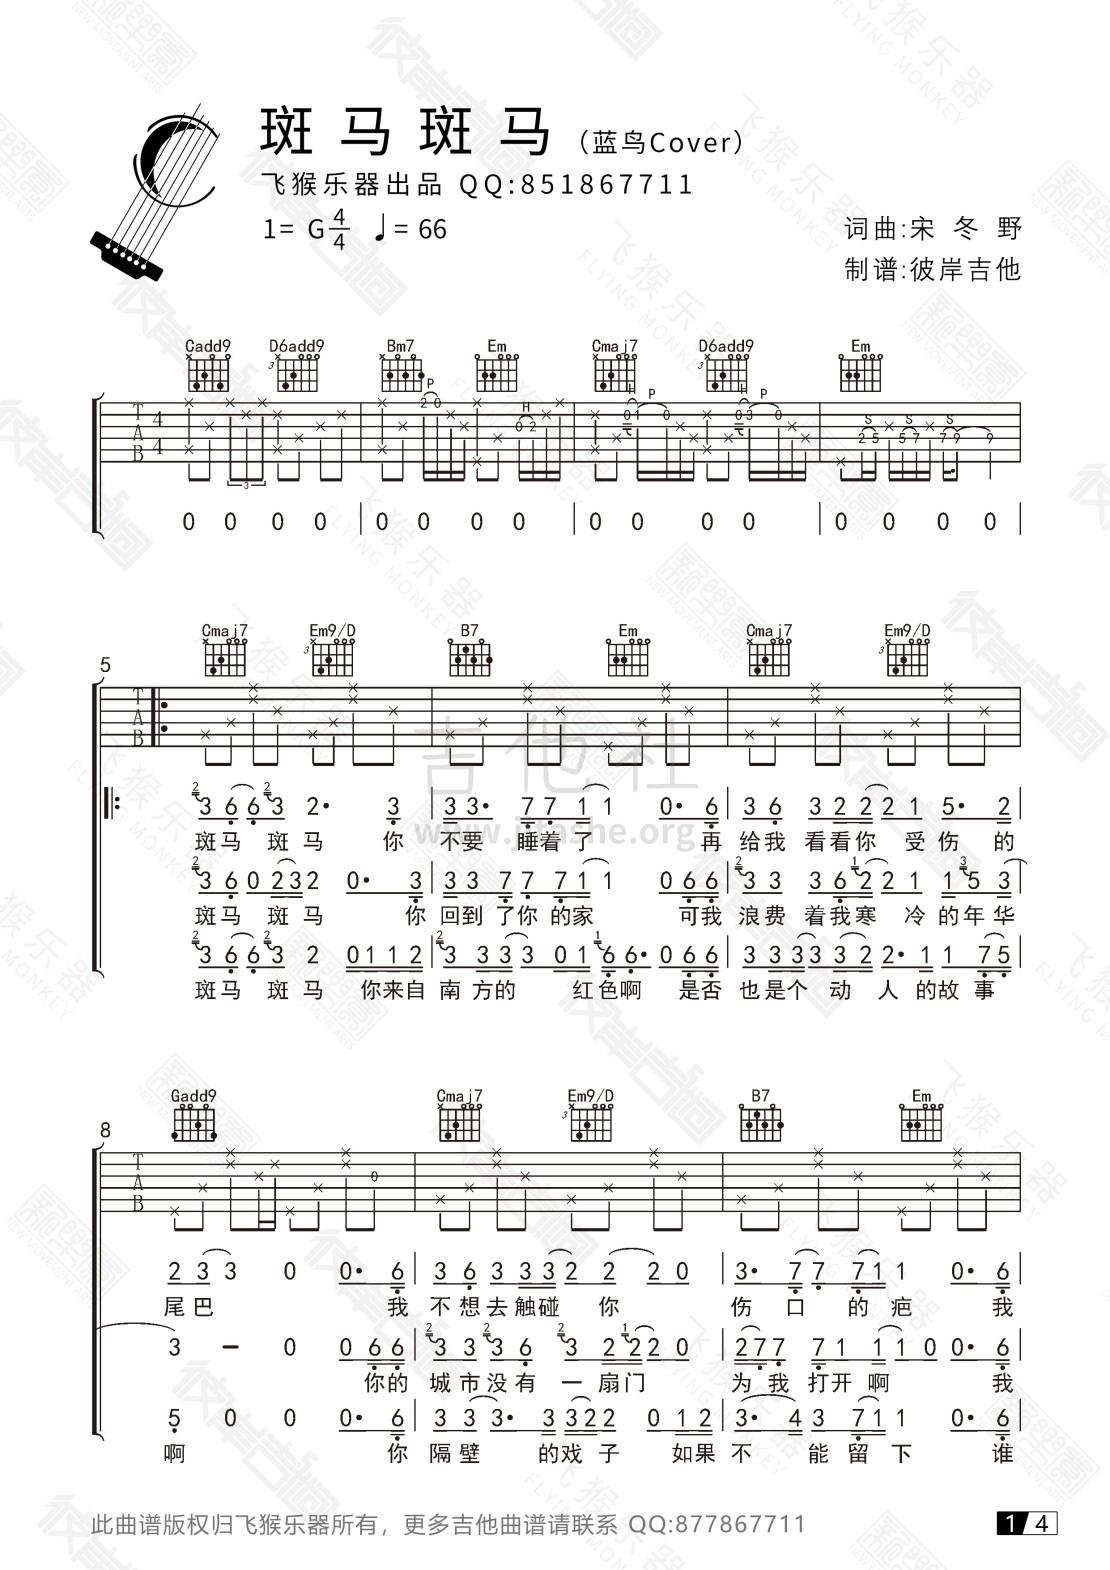 斑马,斑马(飞猴乐器版)吉他谱(图片谱,民谣,宋冬野,简单版)_宋冬野_斑马斑马01.jpg